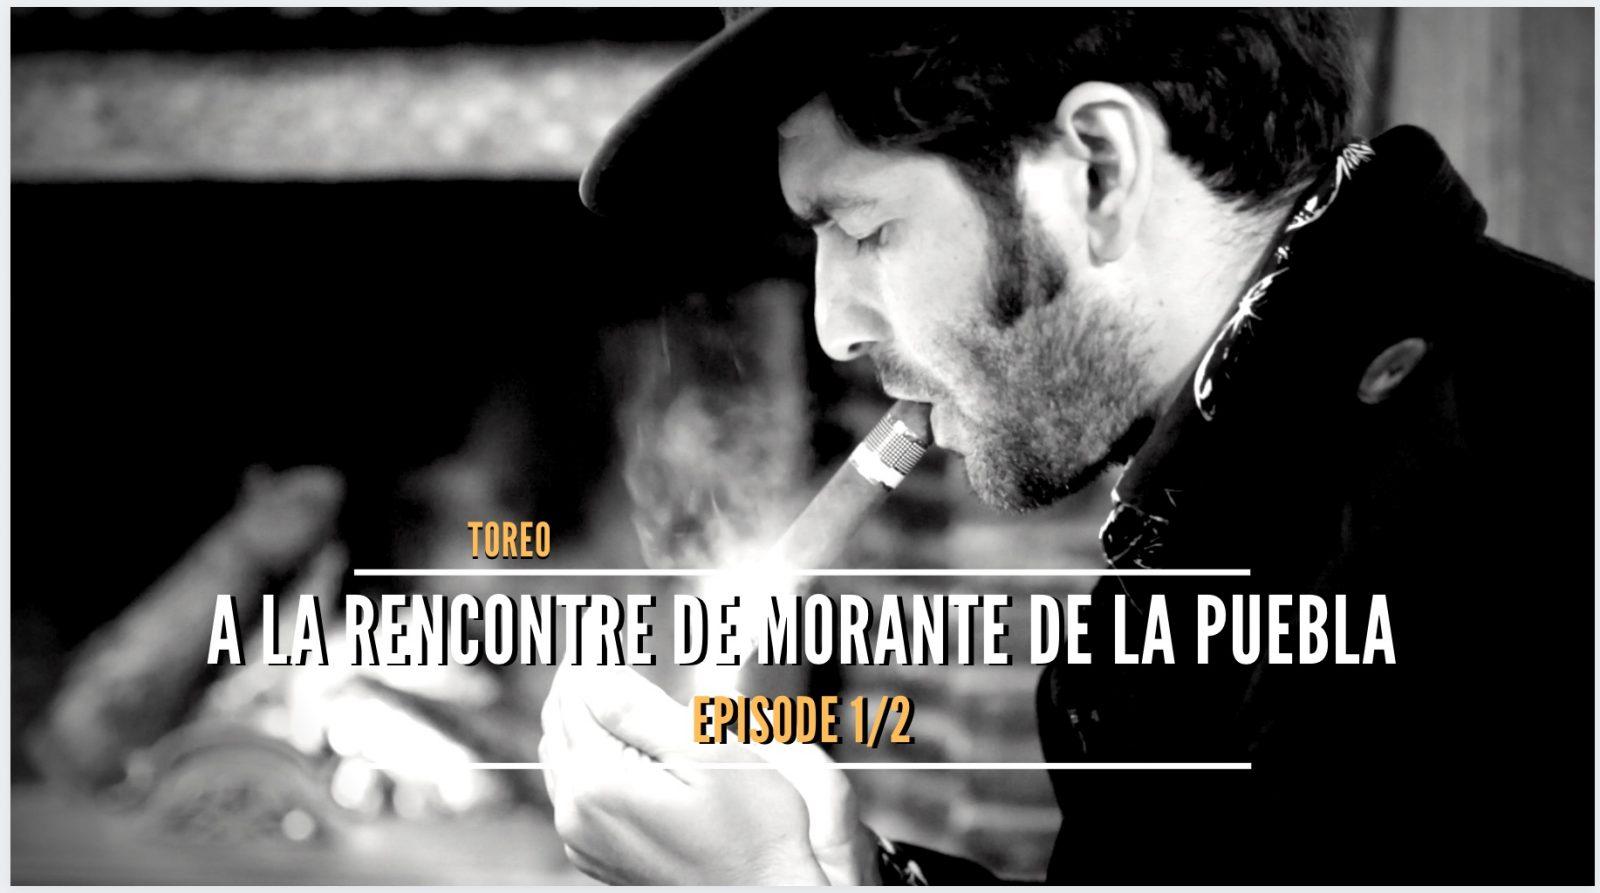 VIDEO // A la rencontre de MORANTE DE LA PUEBLA – Episode 1/2 – TOREO